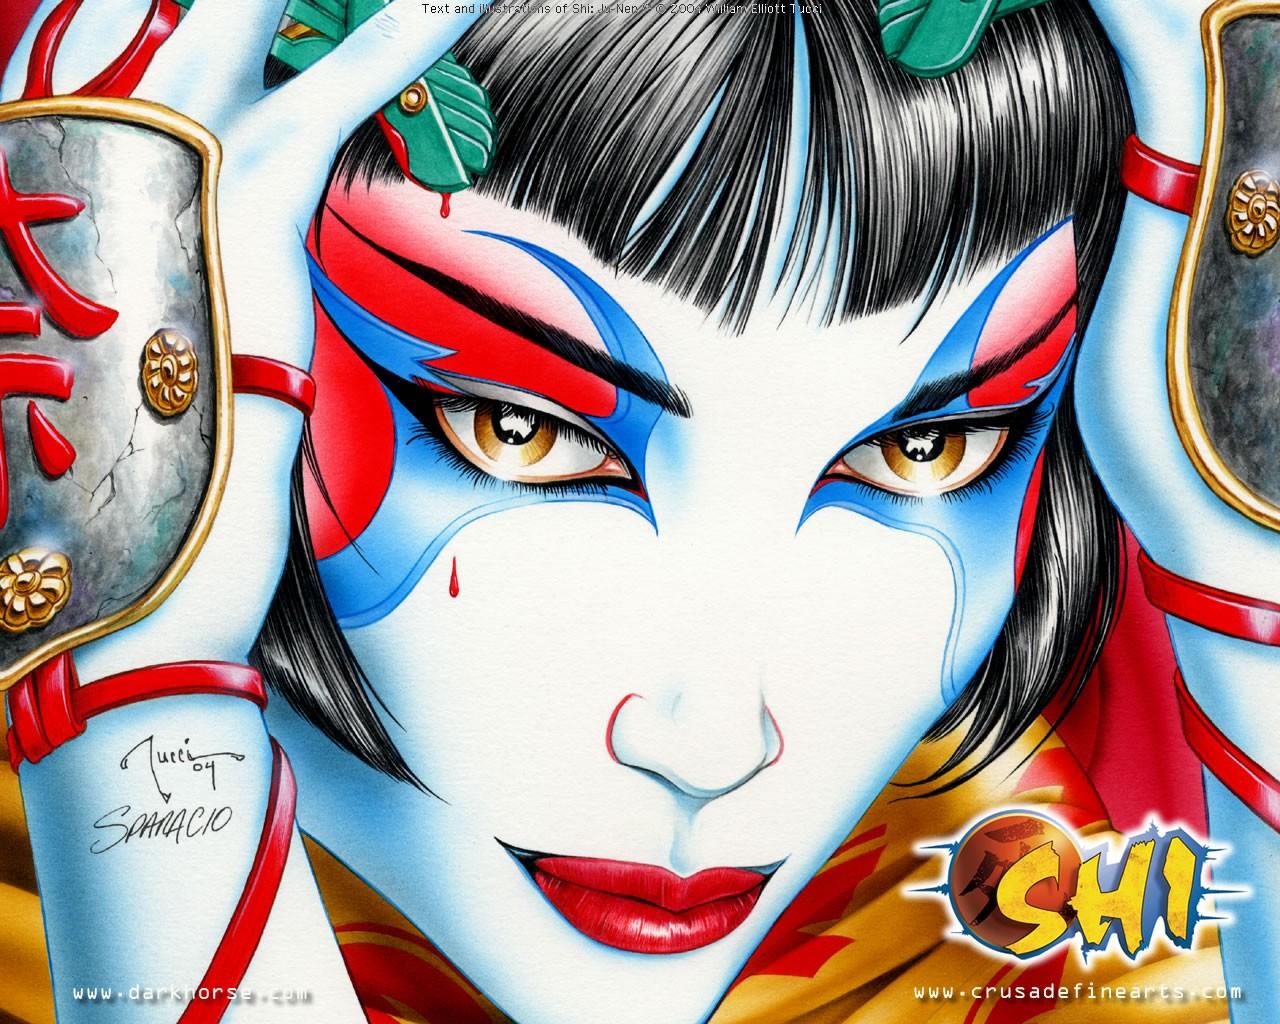 http://4.bp.blogspot.com/-8p0oIAYpj6s/Twm9xa2xn6I/AAAAAAAAJR8/8qAP7ASFKMw/s1600/Shi+comic+darkhorse+Wallpaper+1280x1024.jpg